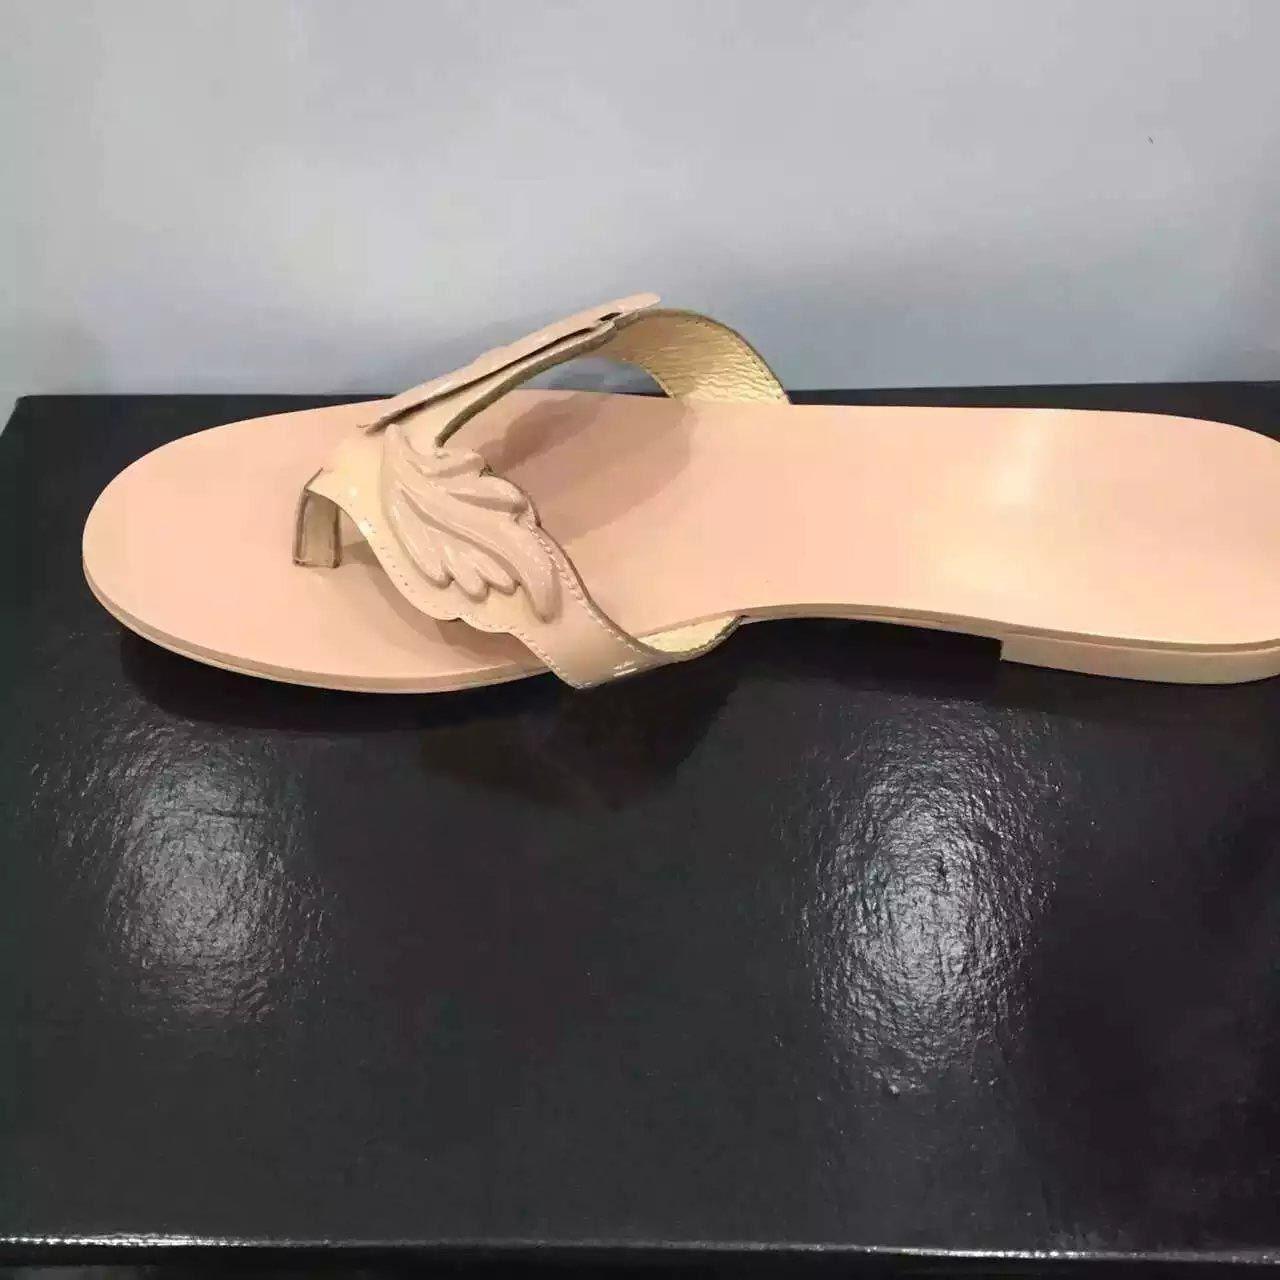 Chaude Été Femmes Pantoufles Chaussures Casual Femme Appartements Feuille Sandales Glisser Sur Chaussures de Plage Flip Flops Or Rouge Nude Argent